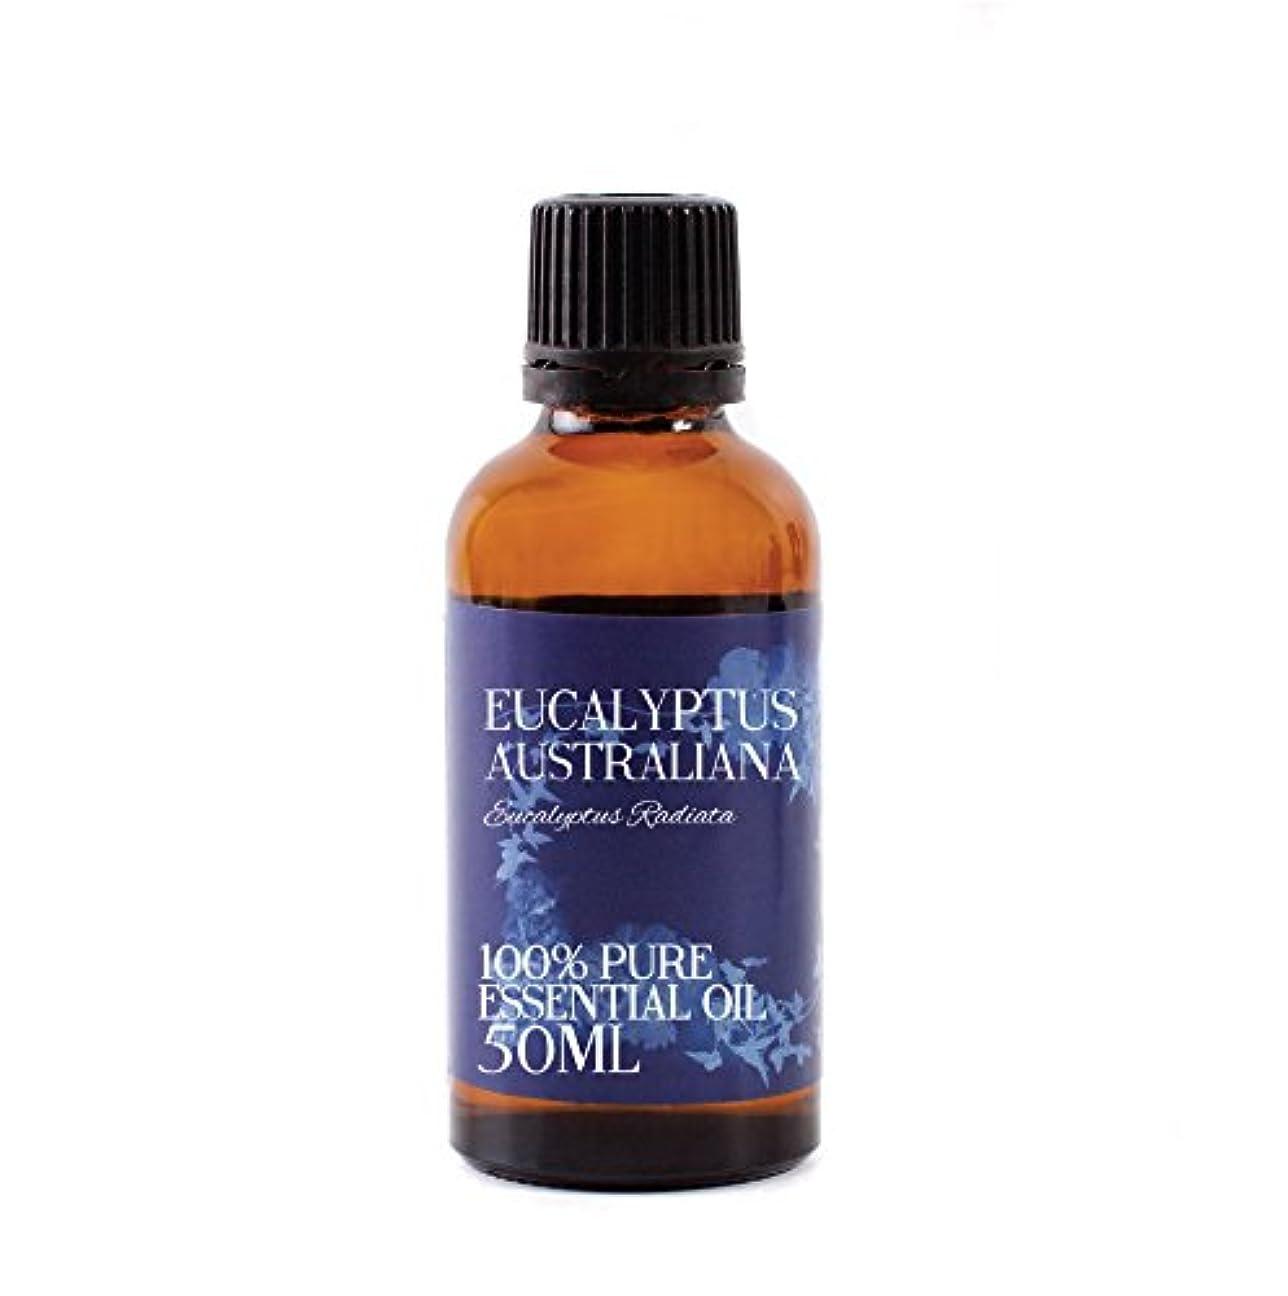 極めて誤解を招く裁判所Mystic Moments   Eucalyptus Australiana Essential Oil - 50ml - 100% Pure